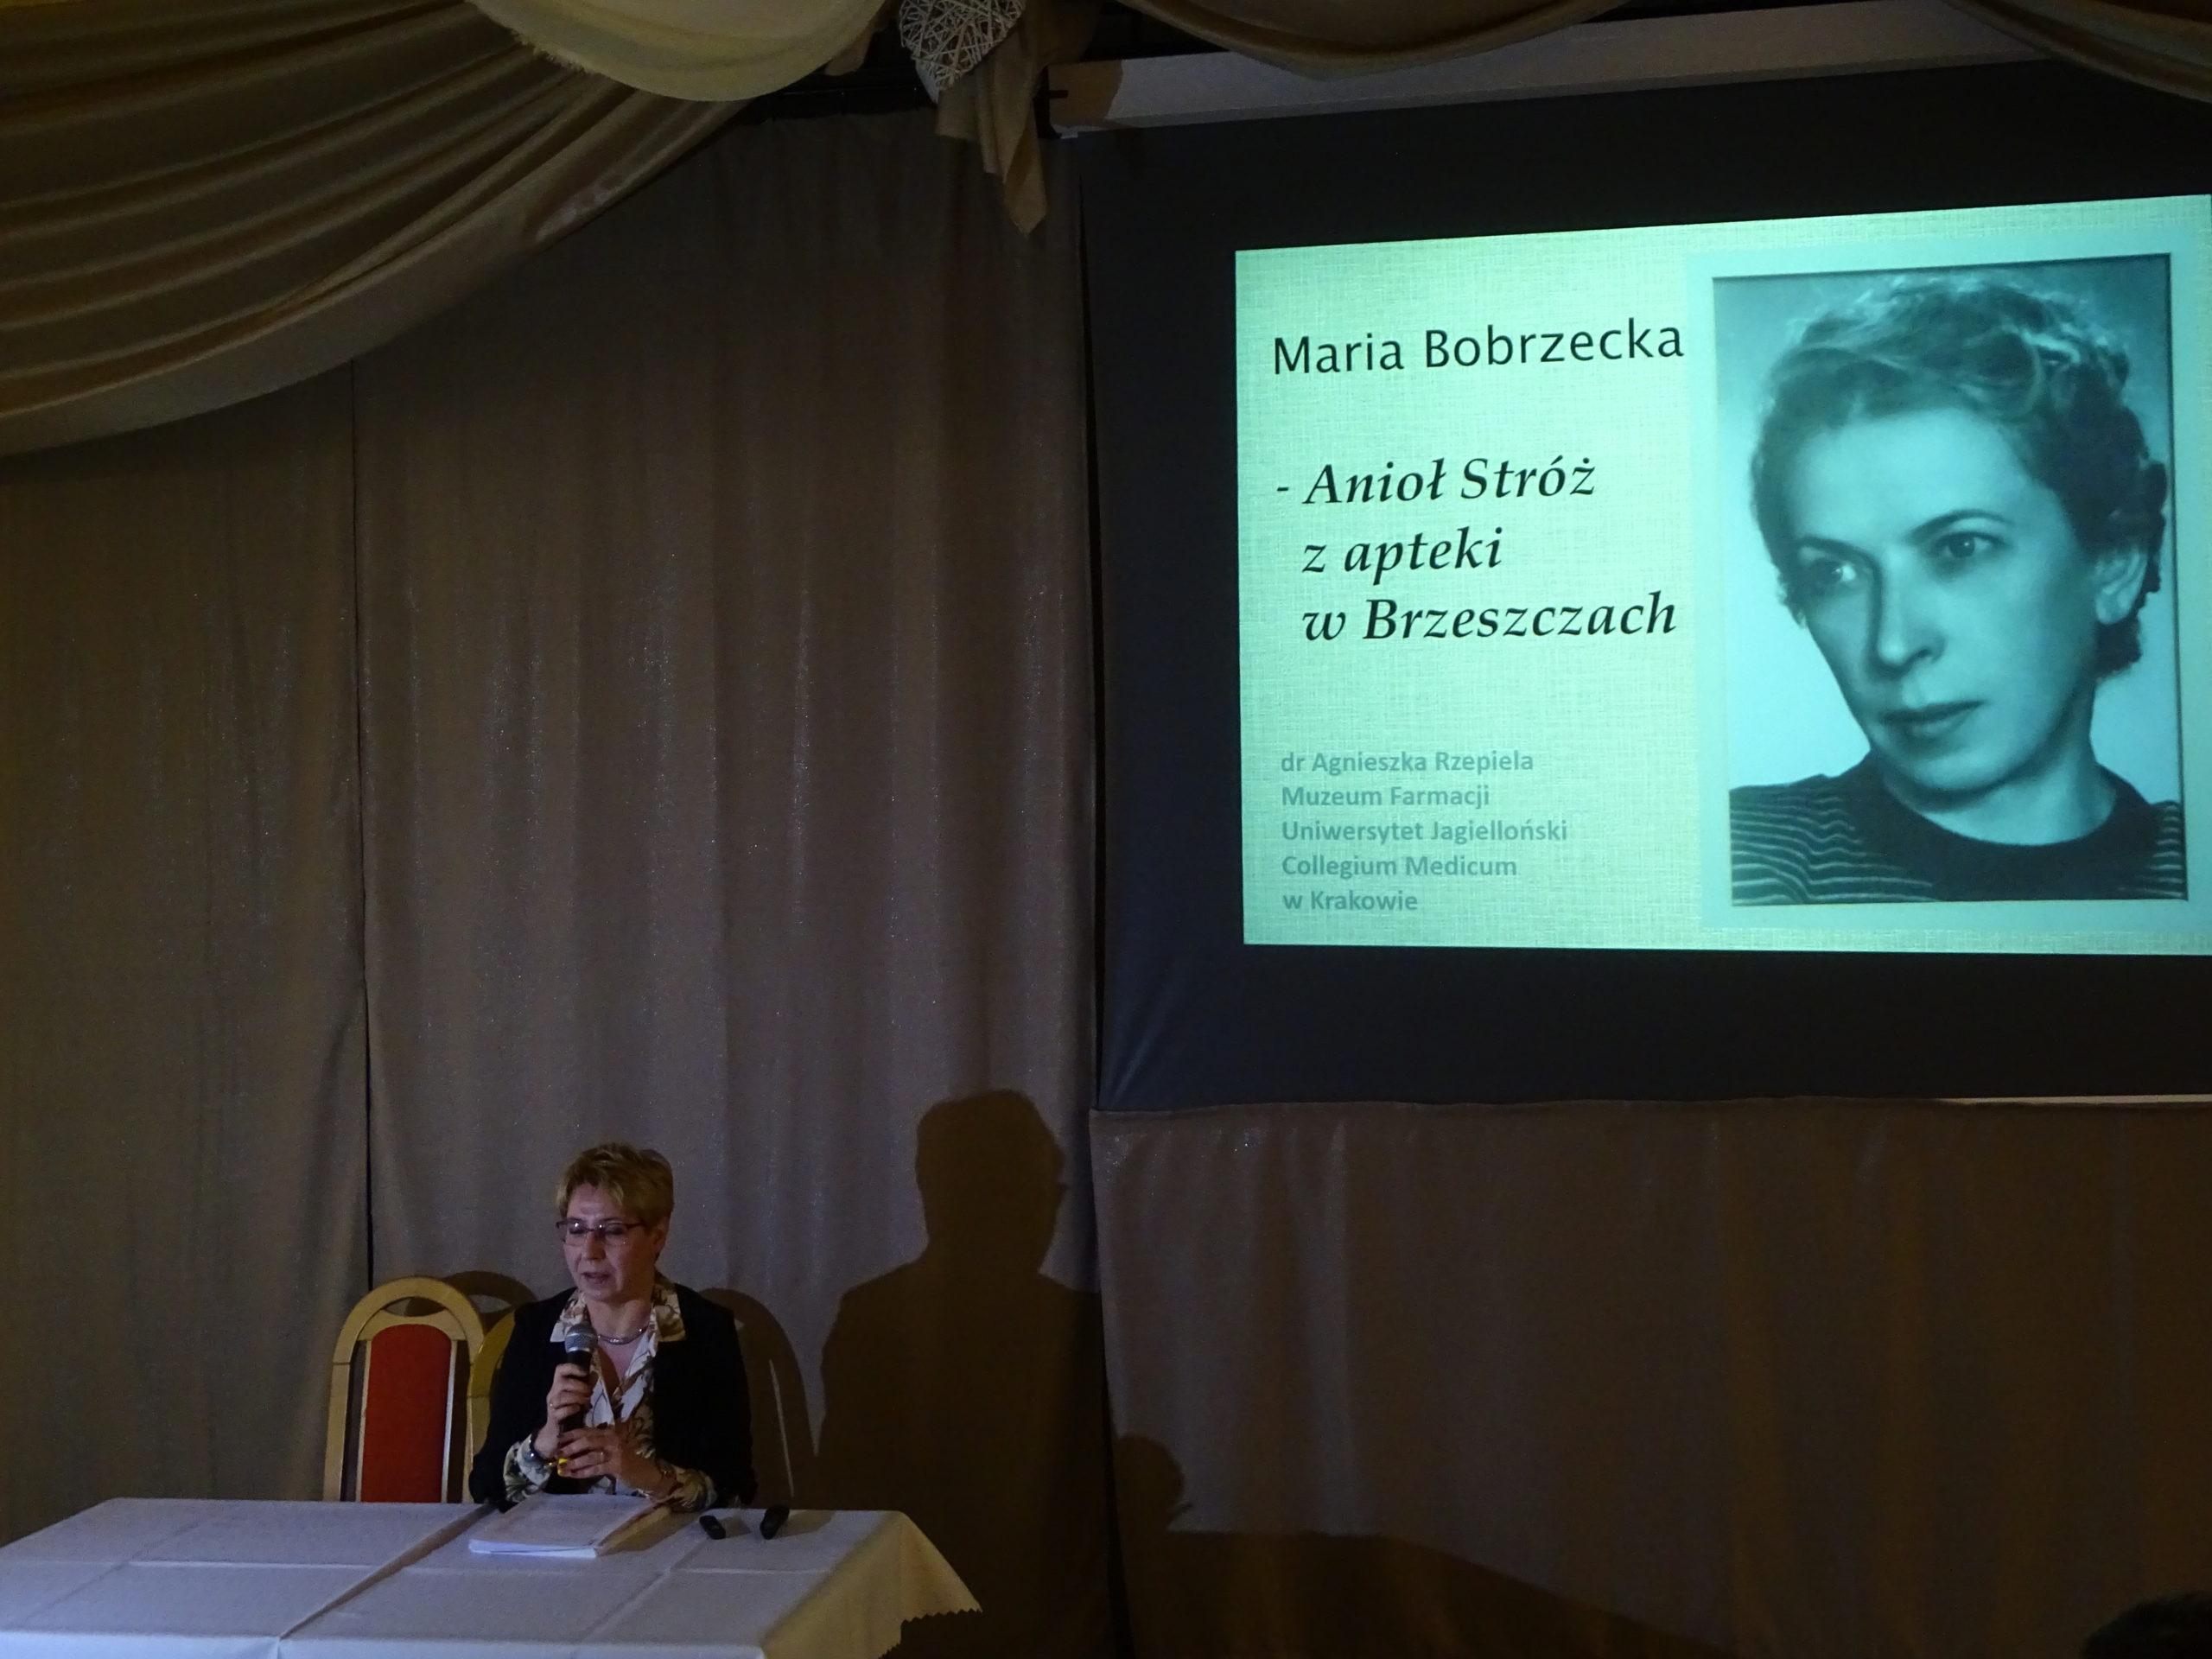 O bohaterskiej aptekarce z Brzeszcz Marii Bobrzeckiej opowiadała dr Agnieszka Rzepiela z Muzeum Farmacji Uniwersytetu Jagiellońskiego Collegium Medicum w Krakowie